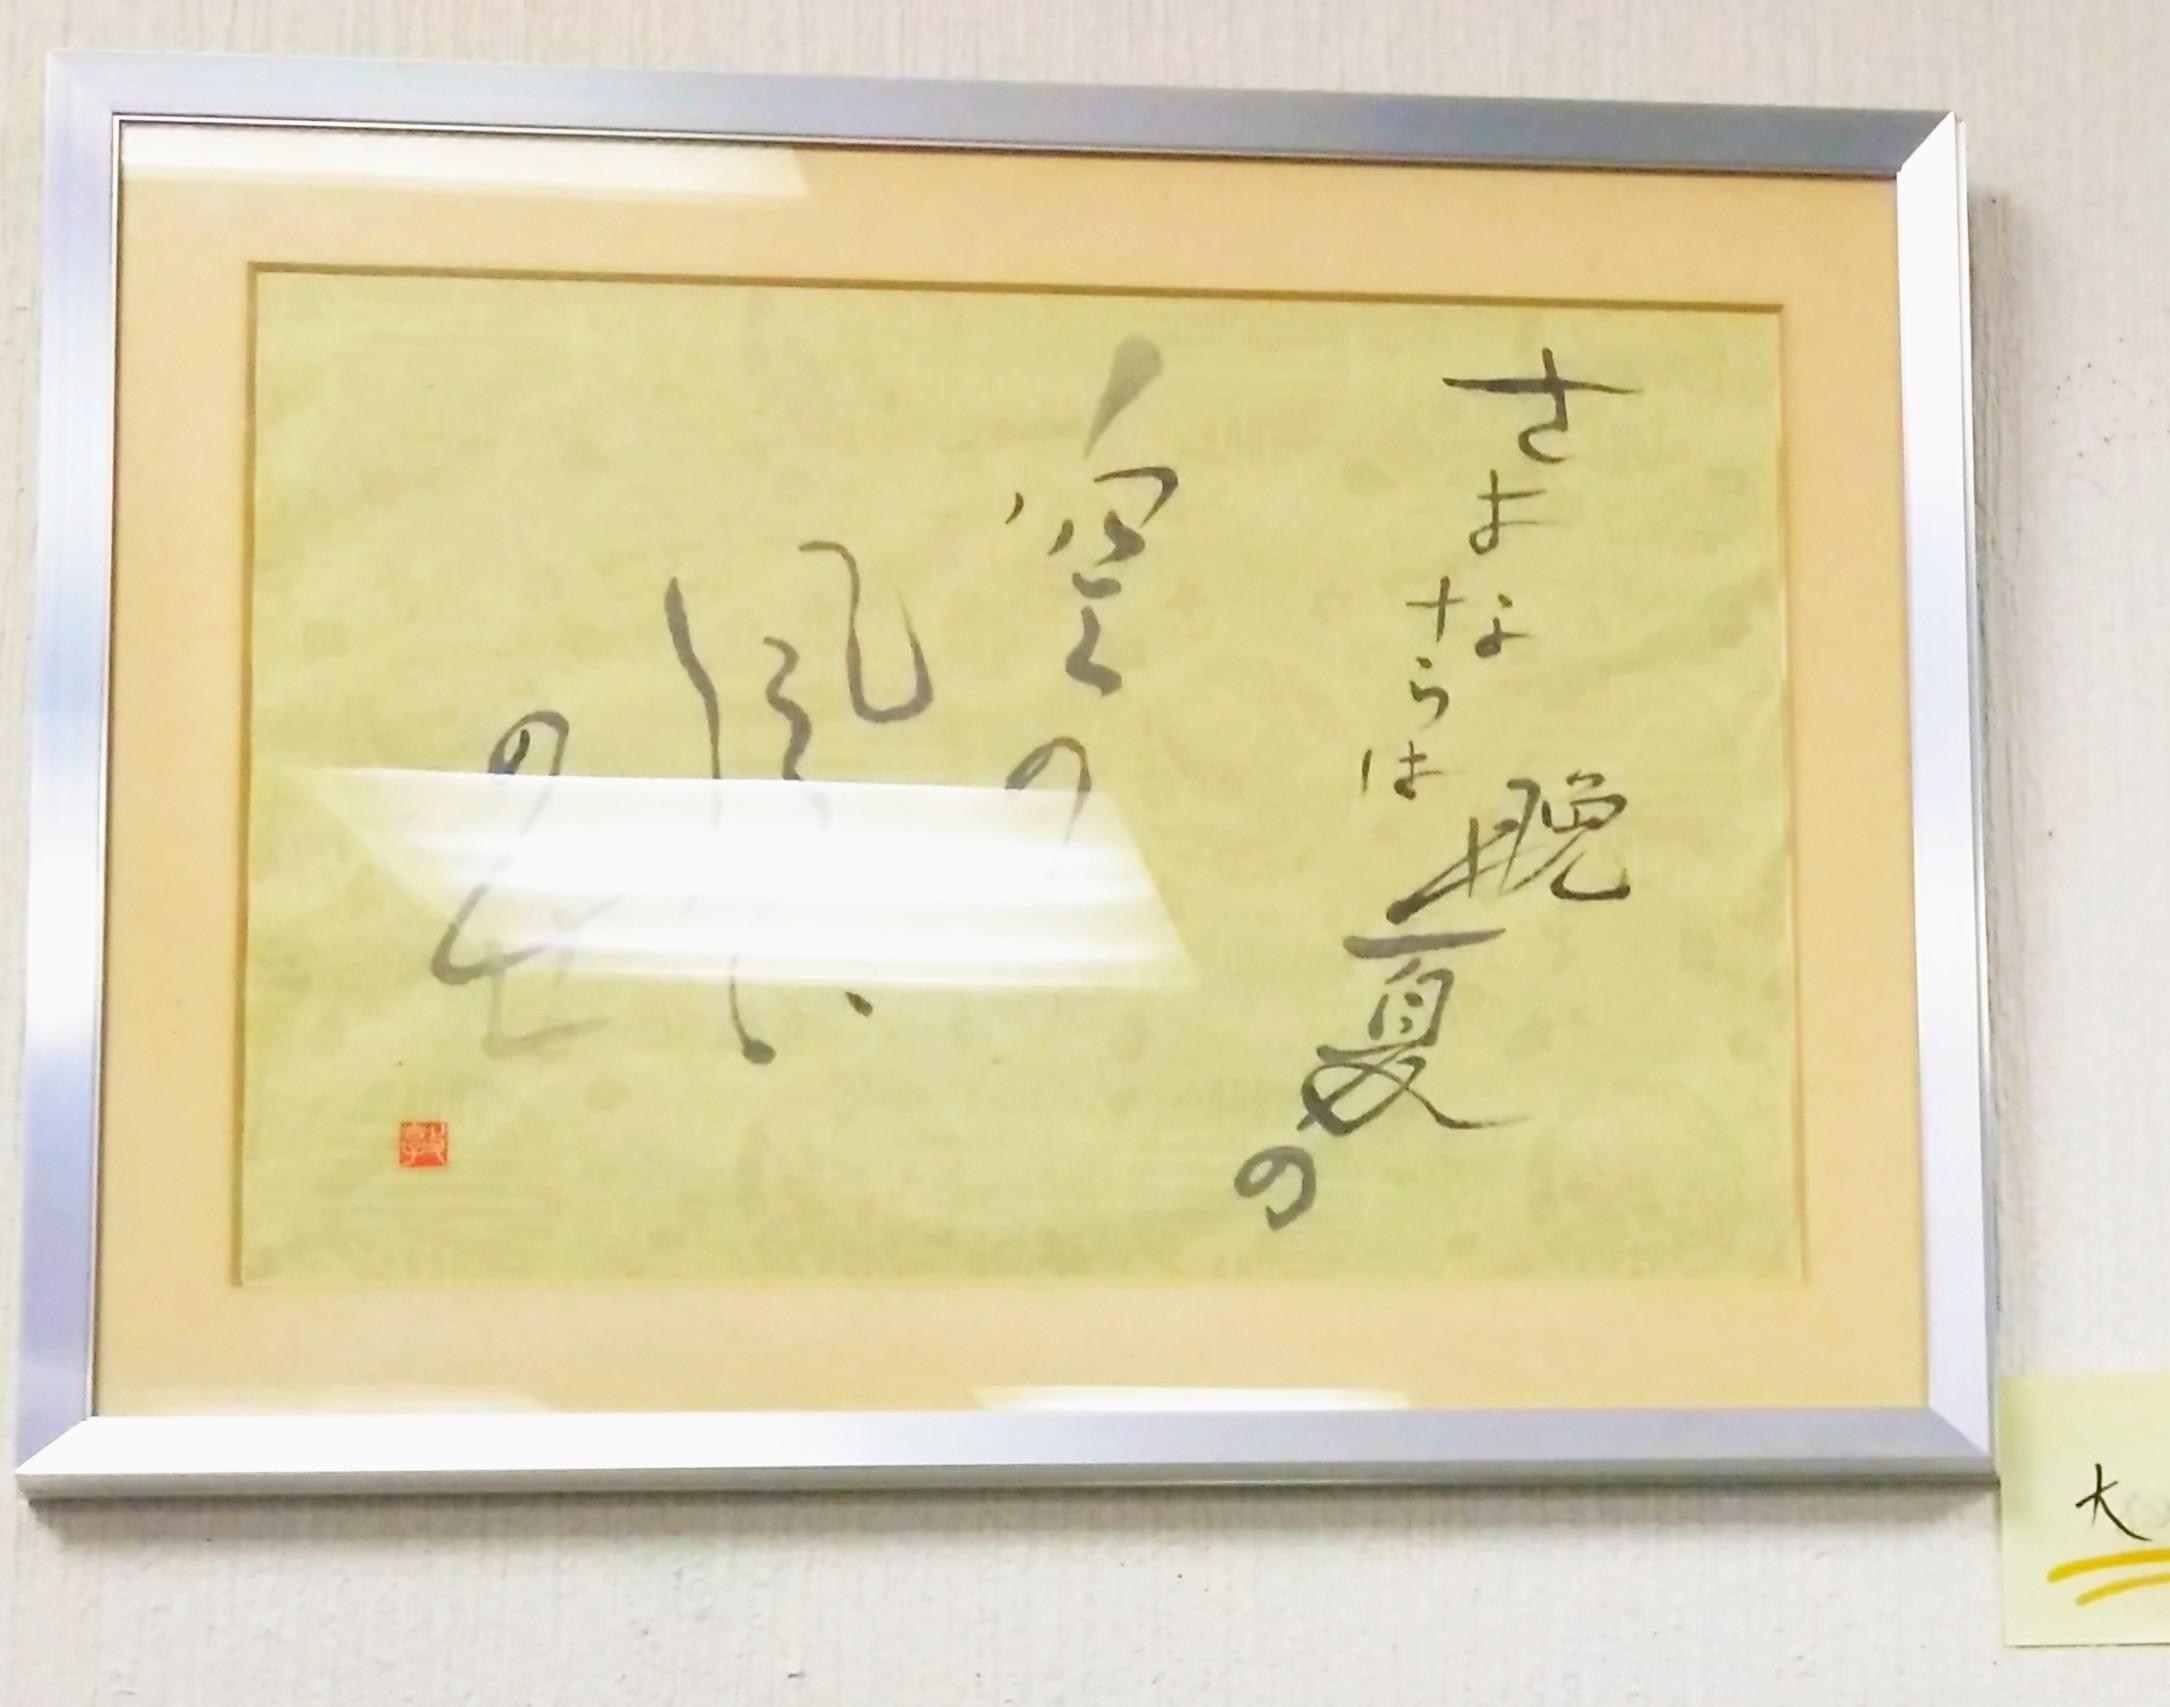 神戸から、文人墨客の書_a0098174_21115919.jpg